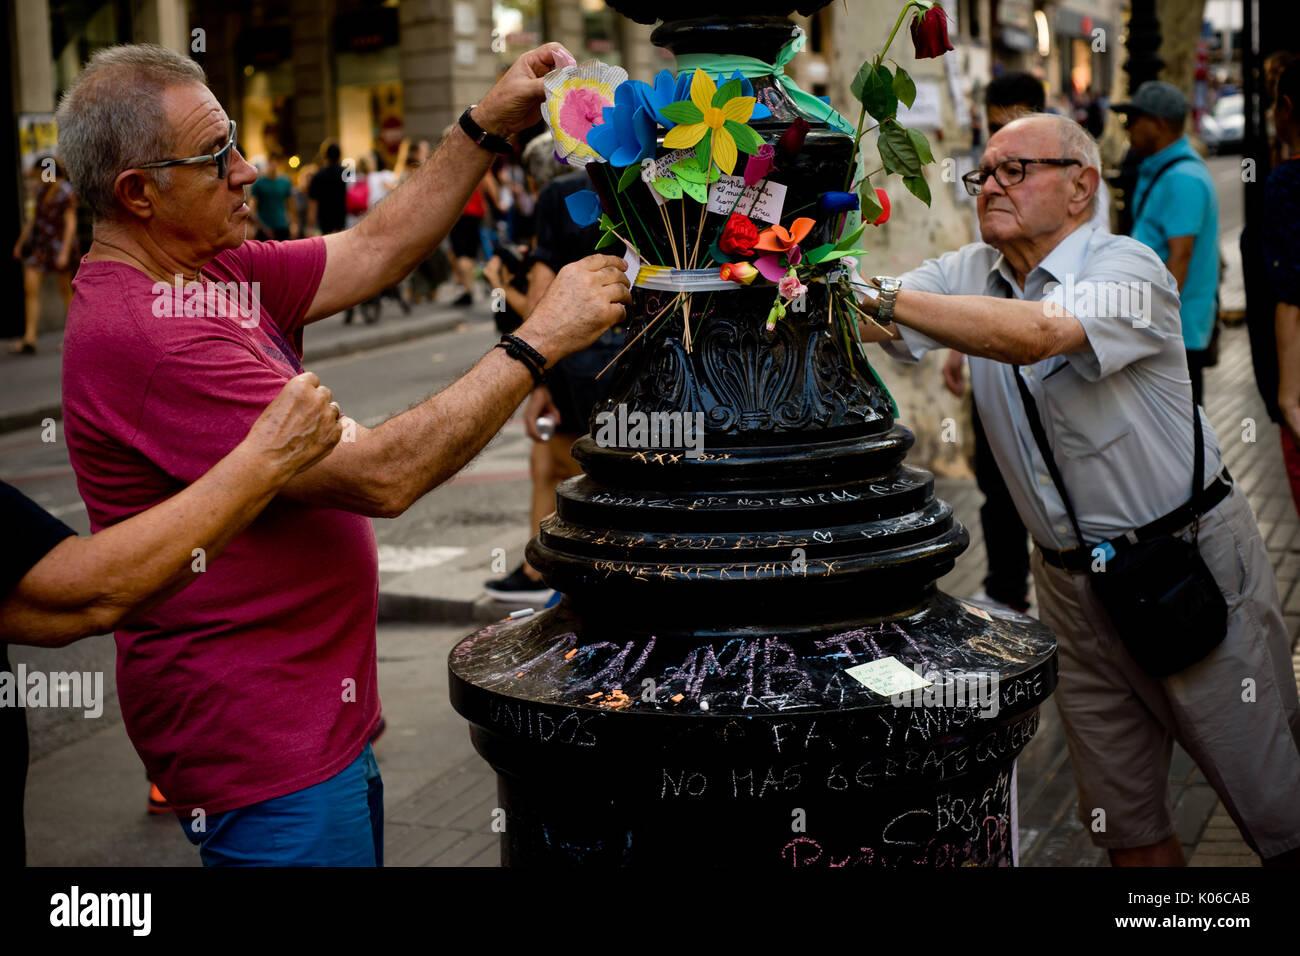 Barcelone, Espagne. Août 21, 2017. Deux hommes place fleurs à un lampadaire de Las Ramblas de Barcelone, en mémoire de l'attaque terroriste aux victimes le même jour que Younes Abouyaaqoub, identifiés comme chauffeur de van qui a accéléré le long de la rue Las Ramblas le jeudi, a été abattu par des agents de police catalane dans le village de Subirats. Crédit: Jordi Boixareu/Alamy Live News Banque D'Images